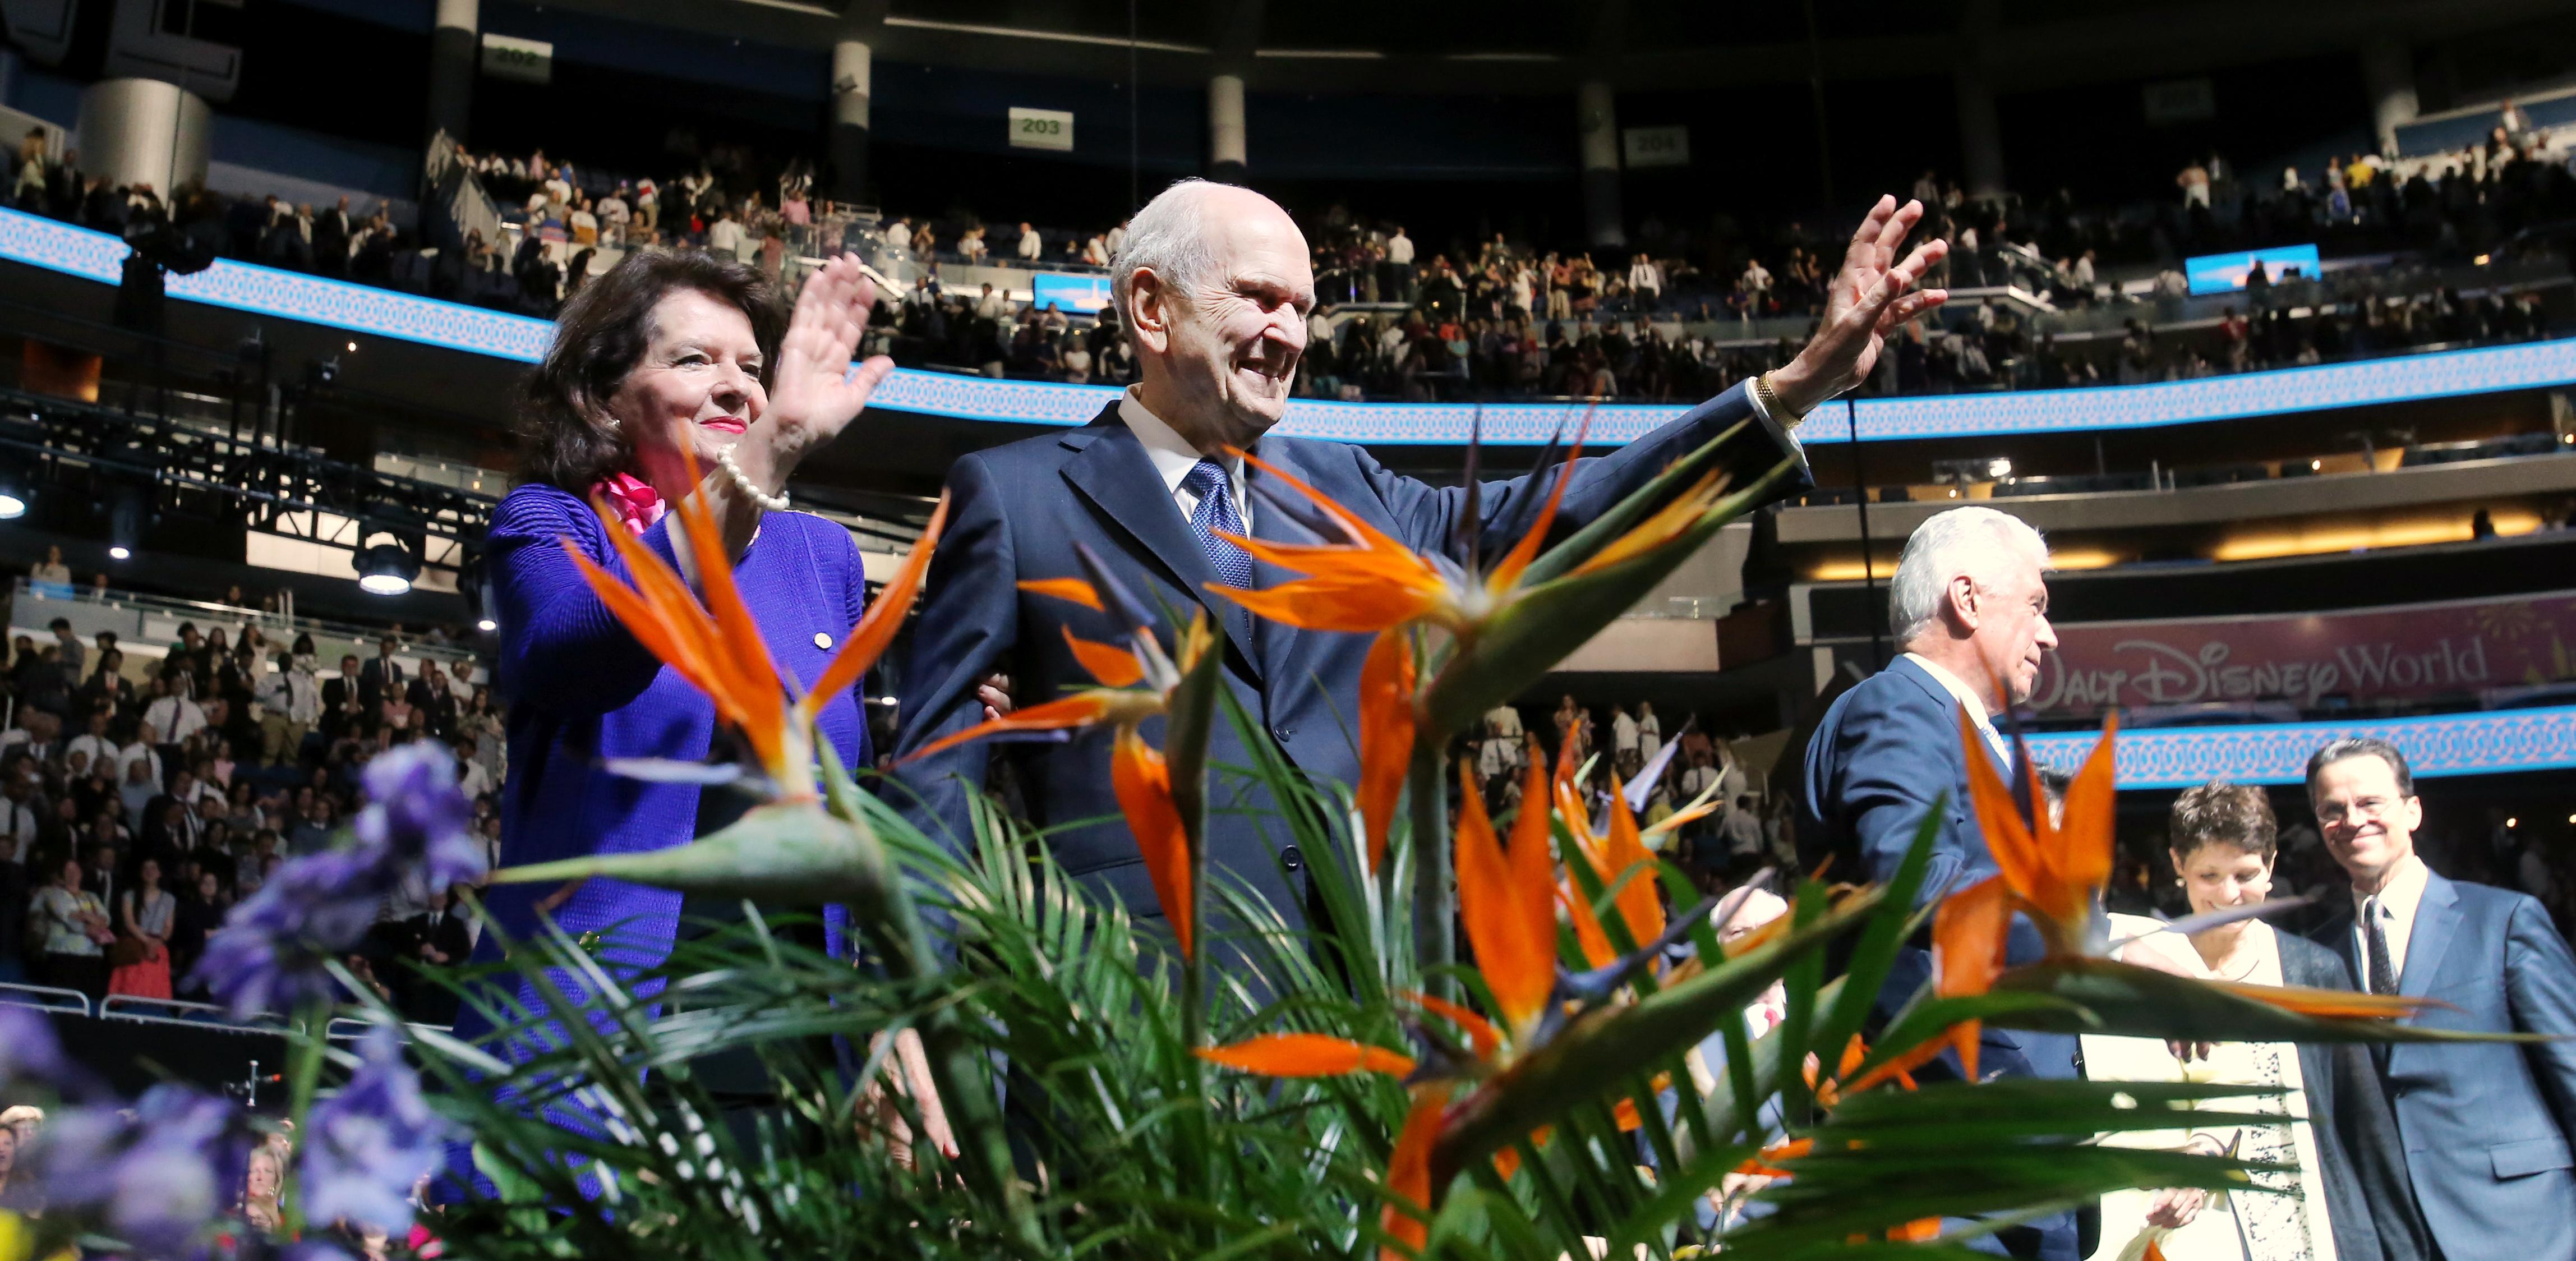 O presidente Russell M. Nelson e sua esposa, a irmã Wendy Nelson, sorriem e acenam para os participantes no Amway Center após o devocional de 9 de junho de 2019, em Orlando, Flórida.